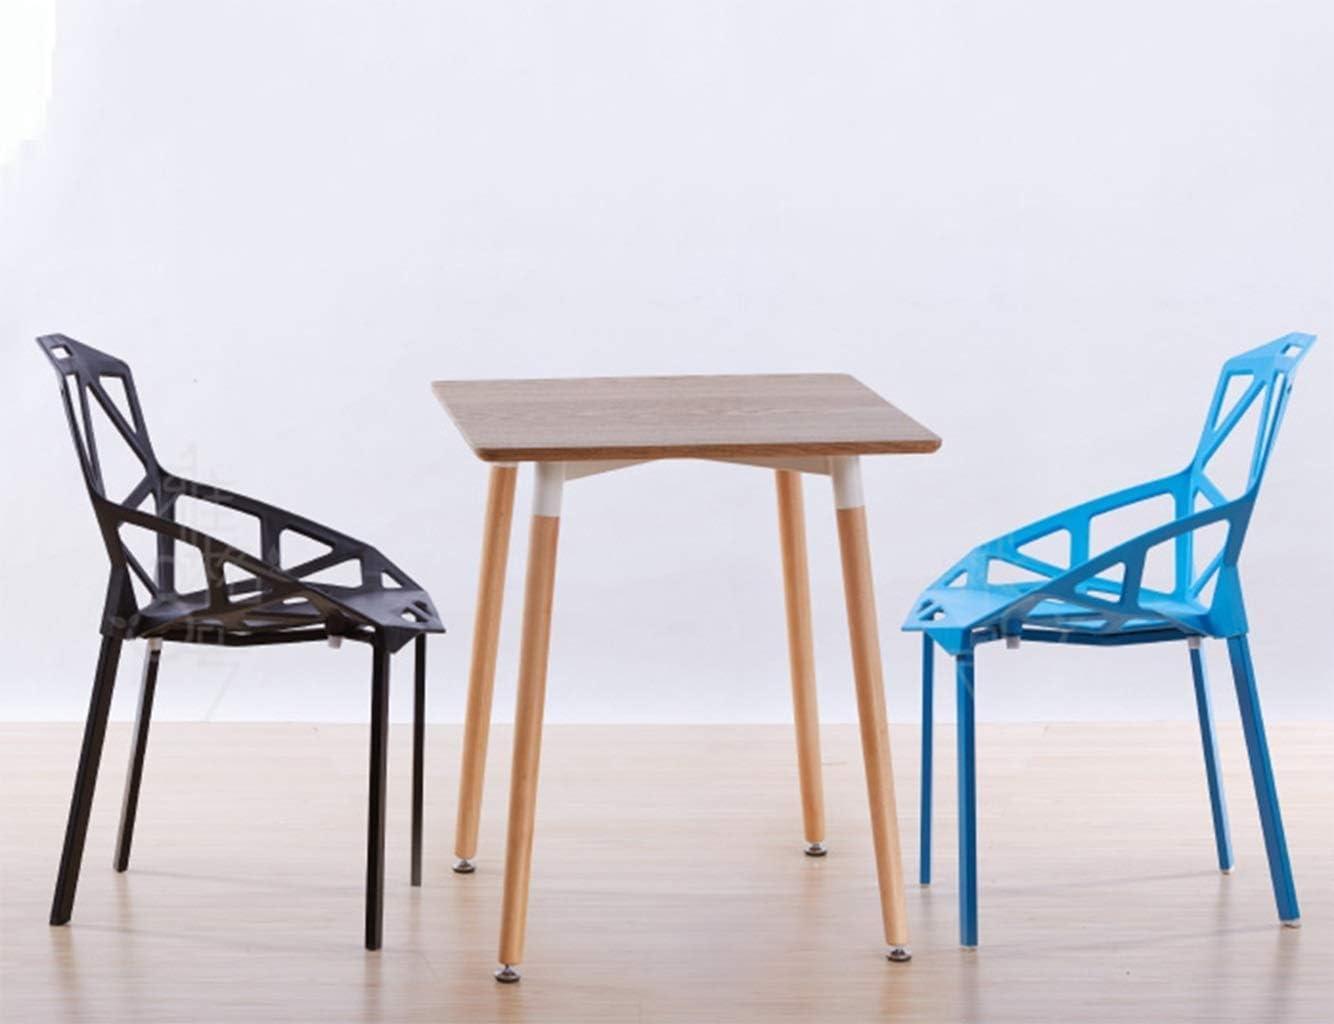 QYHCP Chaise en Plastique, Chaise Creuse Géométrique Simple, Dossier, Chaise De Thé en Plein Air, Table De Salle À Manger en Plein Air (Color : Blue) Black